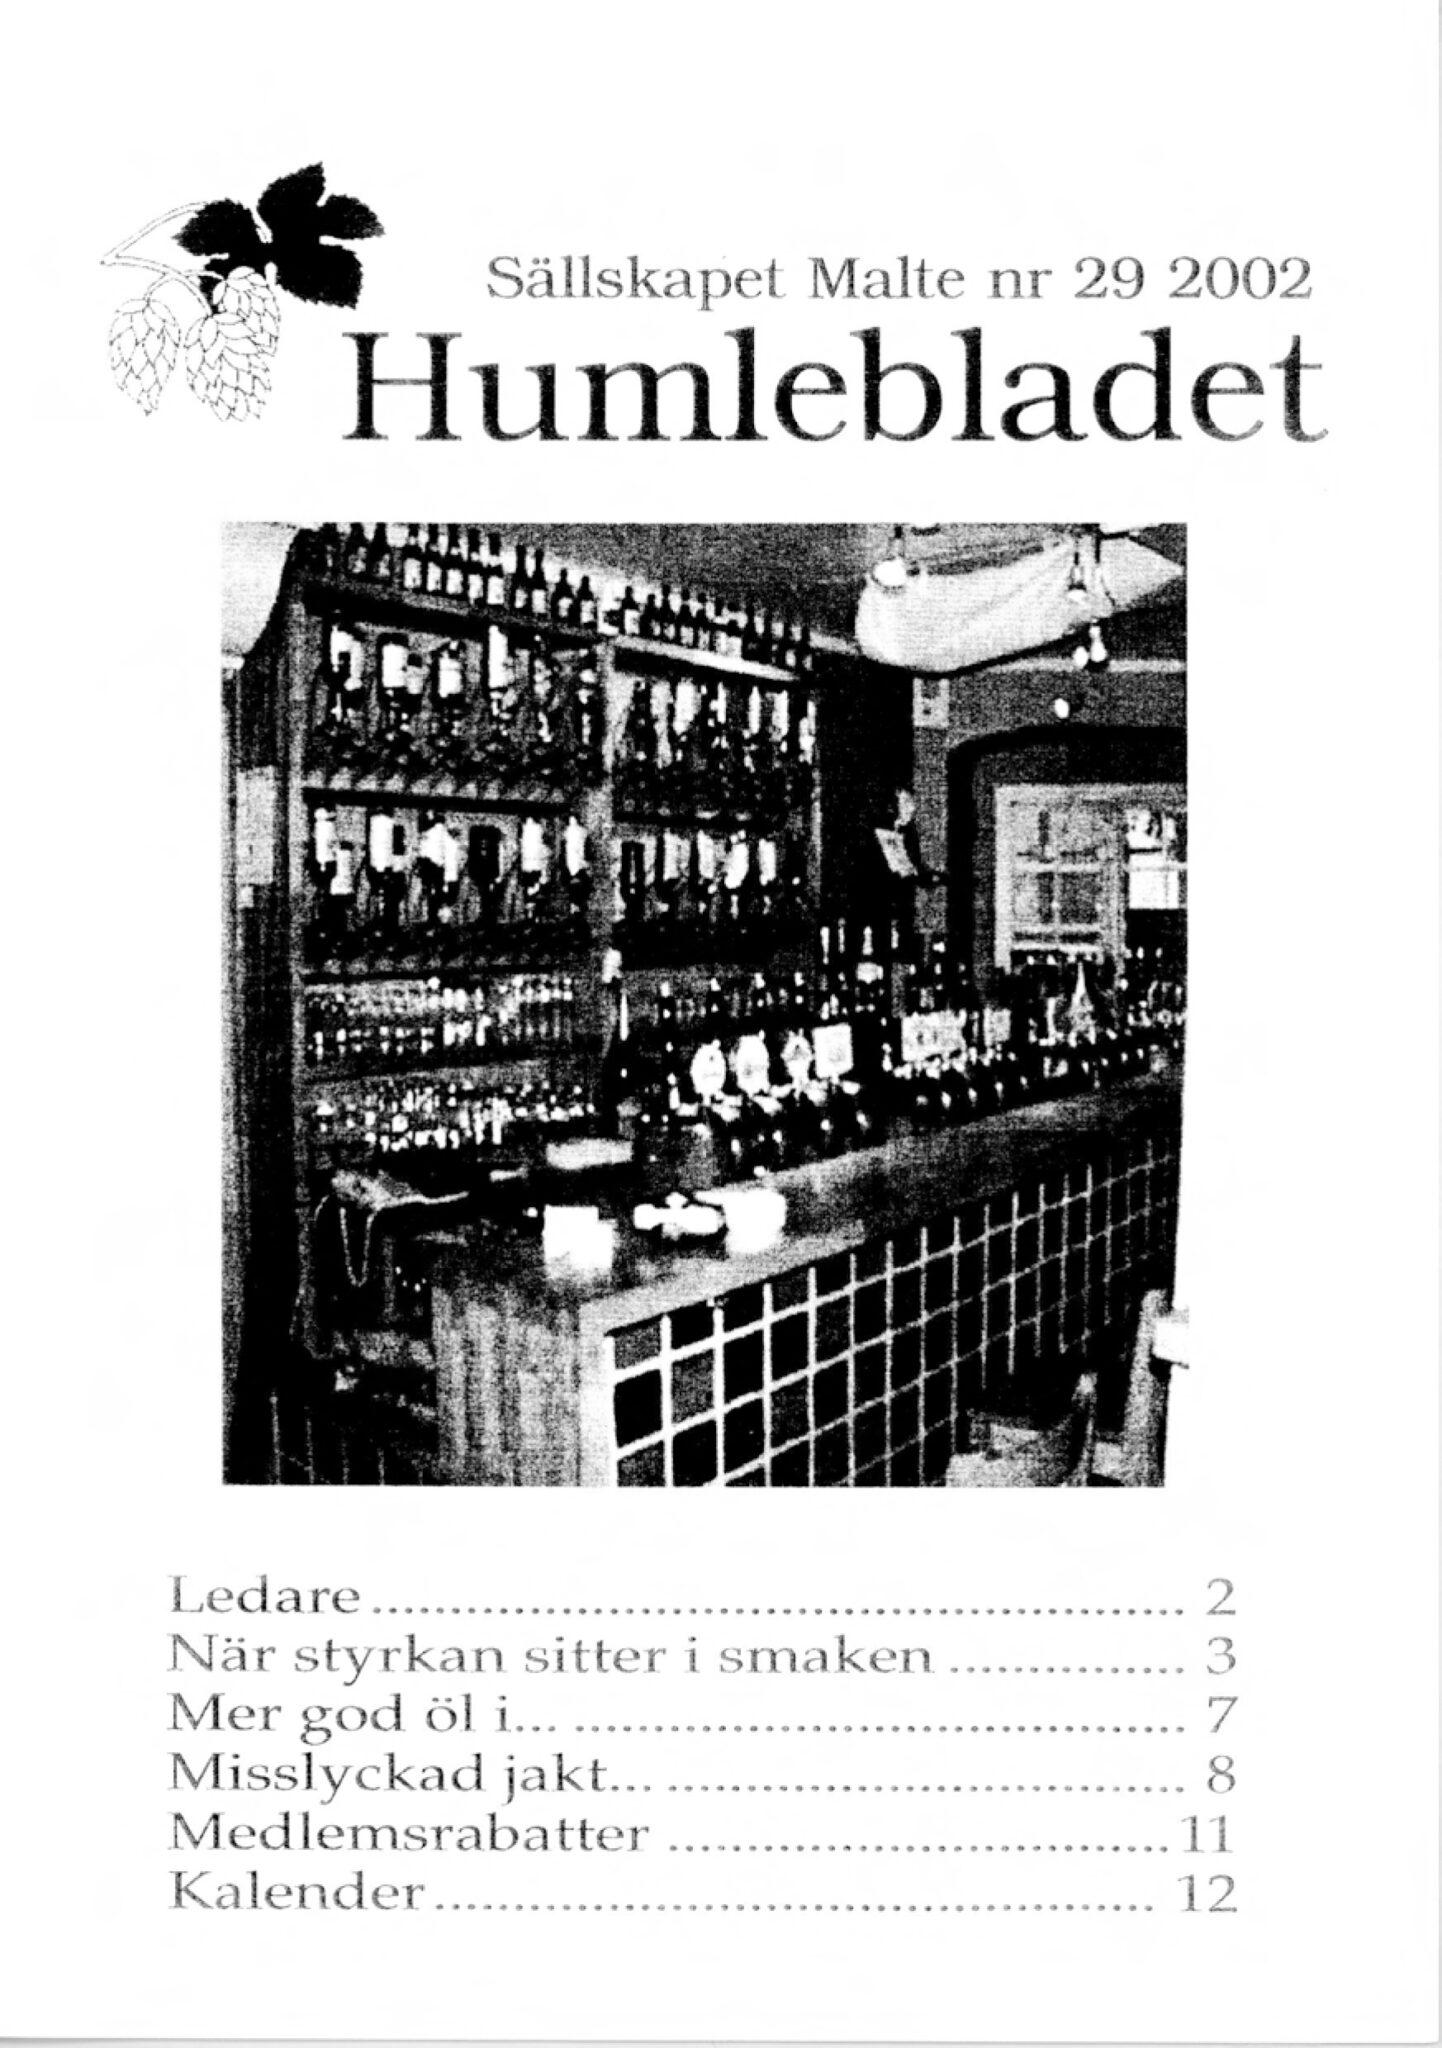 https://sallskapetmalte.se/wp-content/uploads/Humlebladet_2002_29.pdf